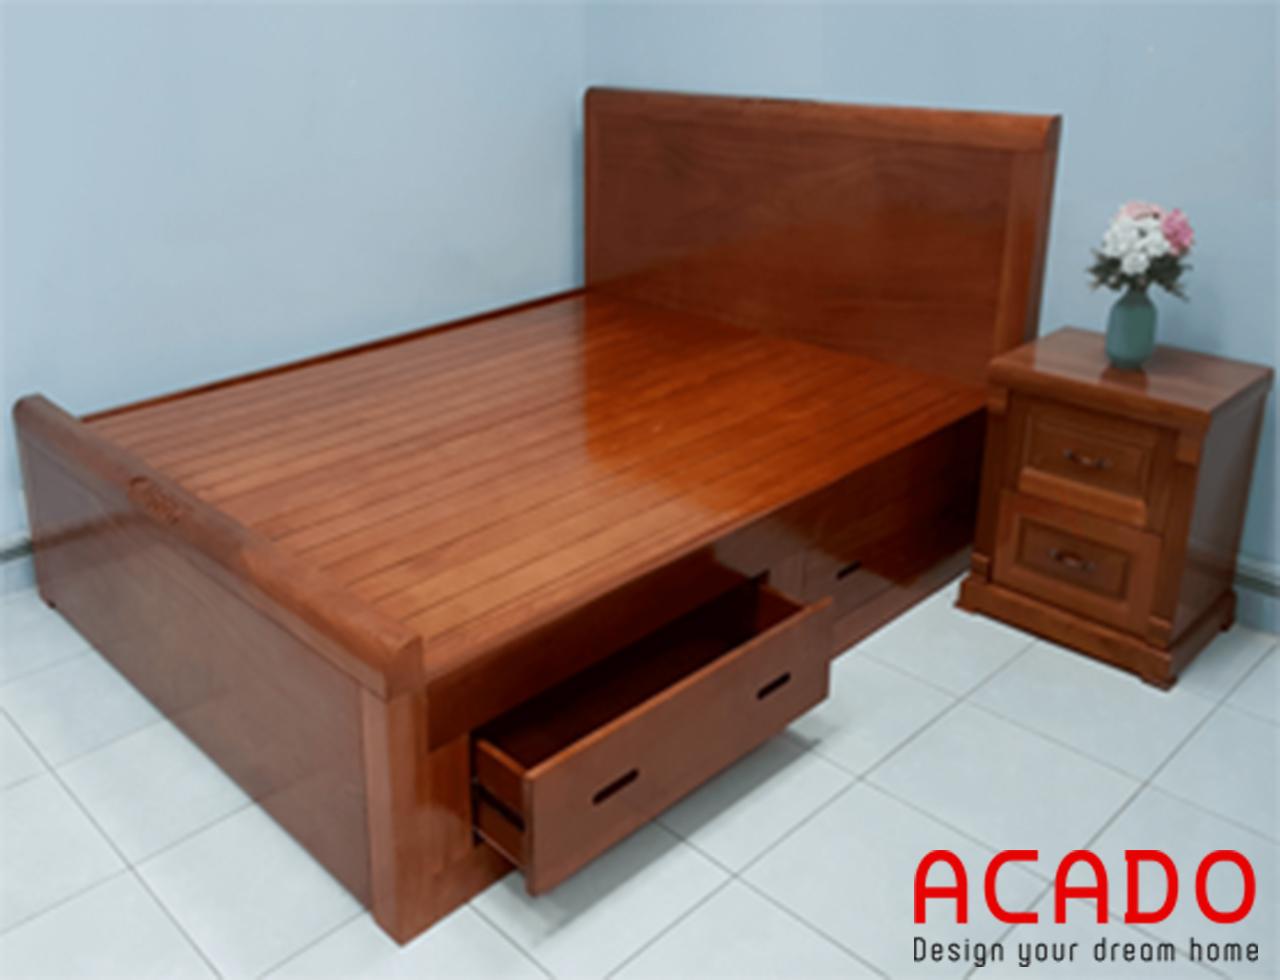 Giường ngủ gỗ xoan đào tự nhiên mang đến cảm giác ấm cúng, gần gũi